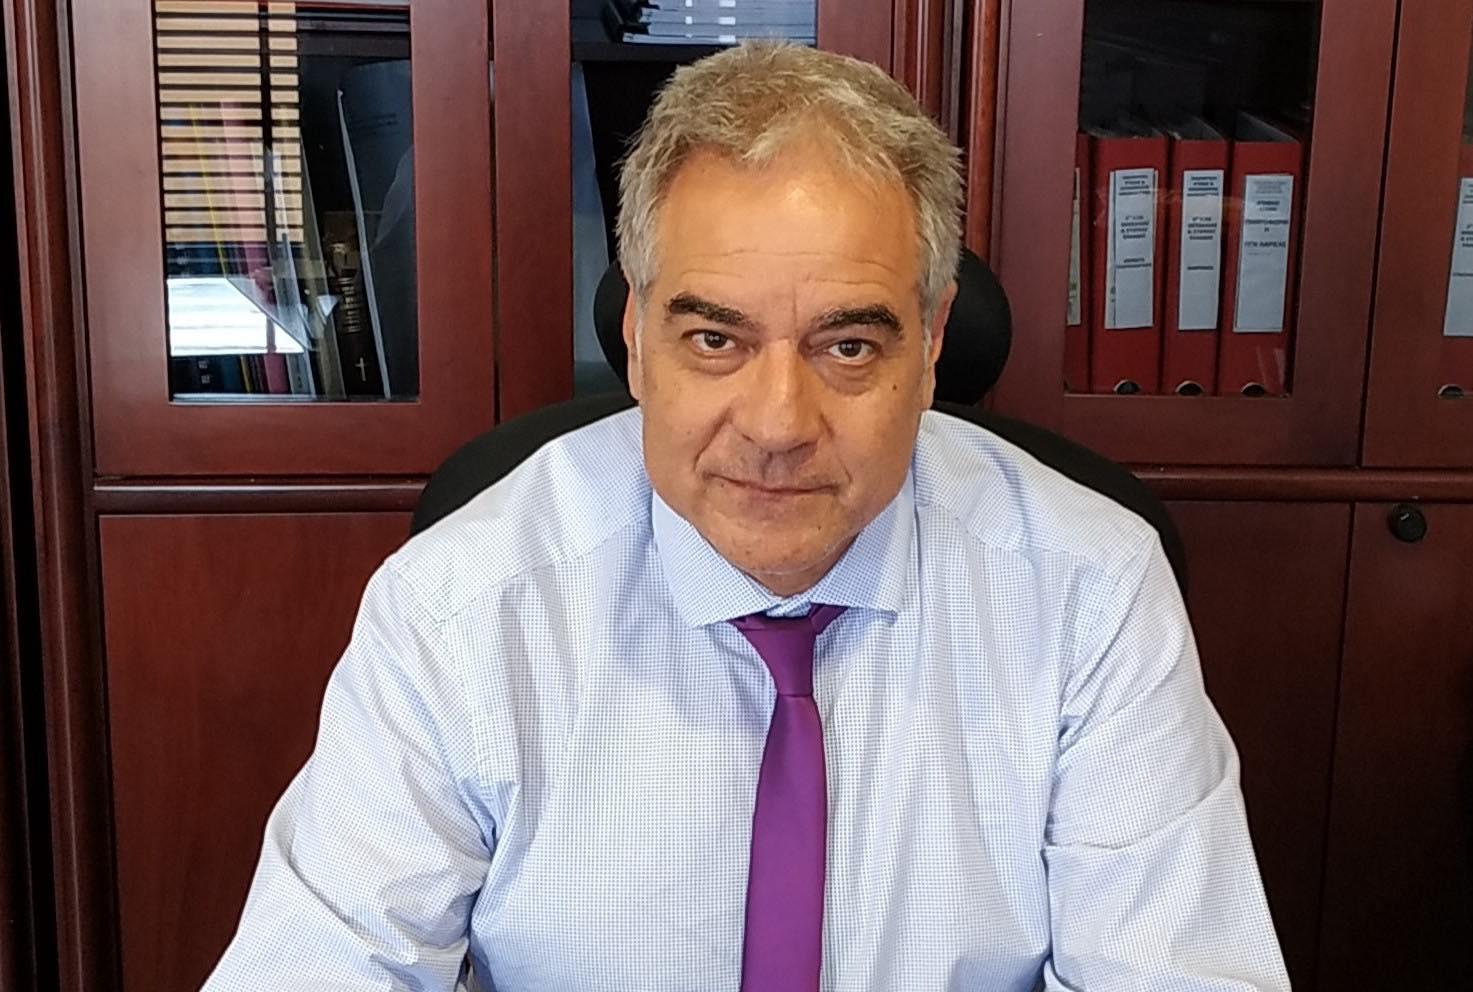 Αποκλειστικό Εύβοια: Το Νοσοκομείο της Κύμης θα επισκεφθεί την Τριτη 12 Ιανουαρίου ο διοικητής της 5ης ΥΠΕ